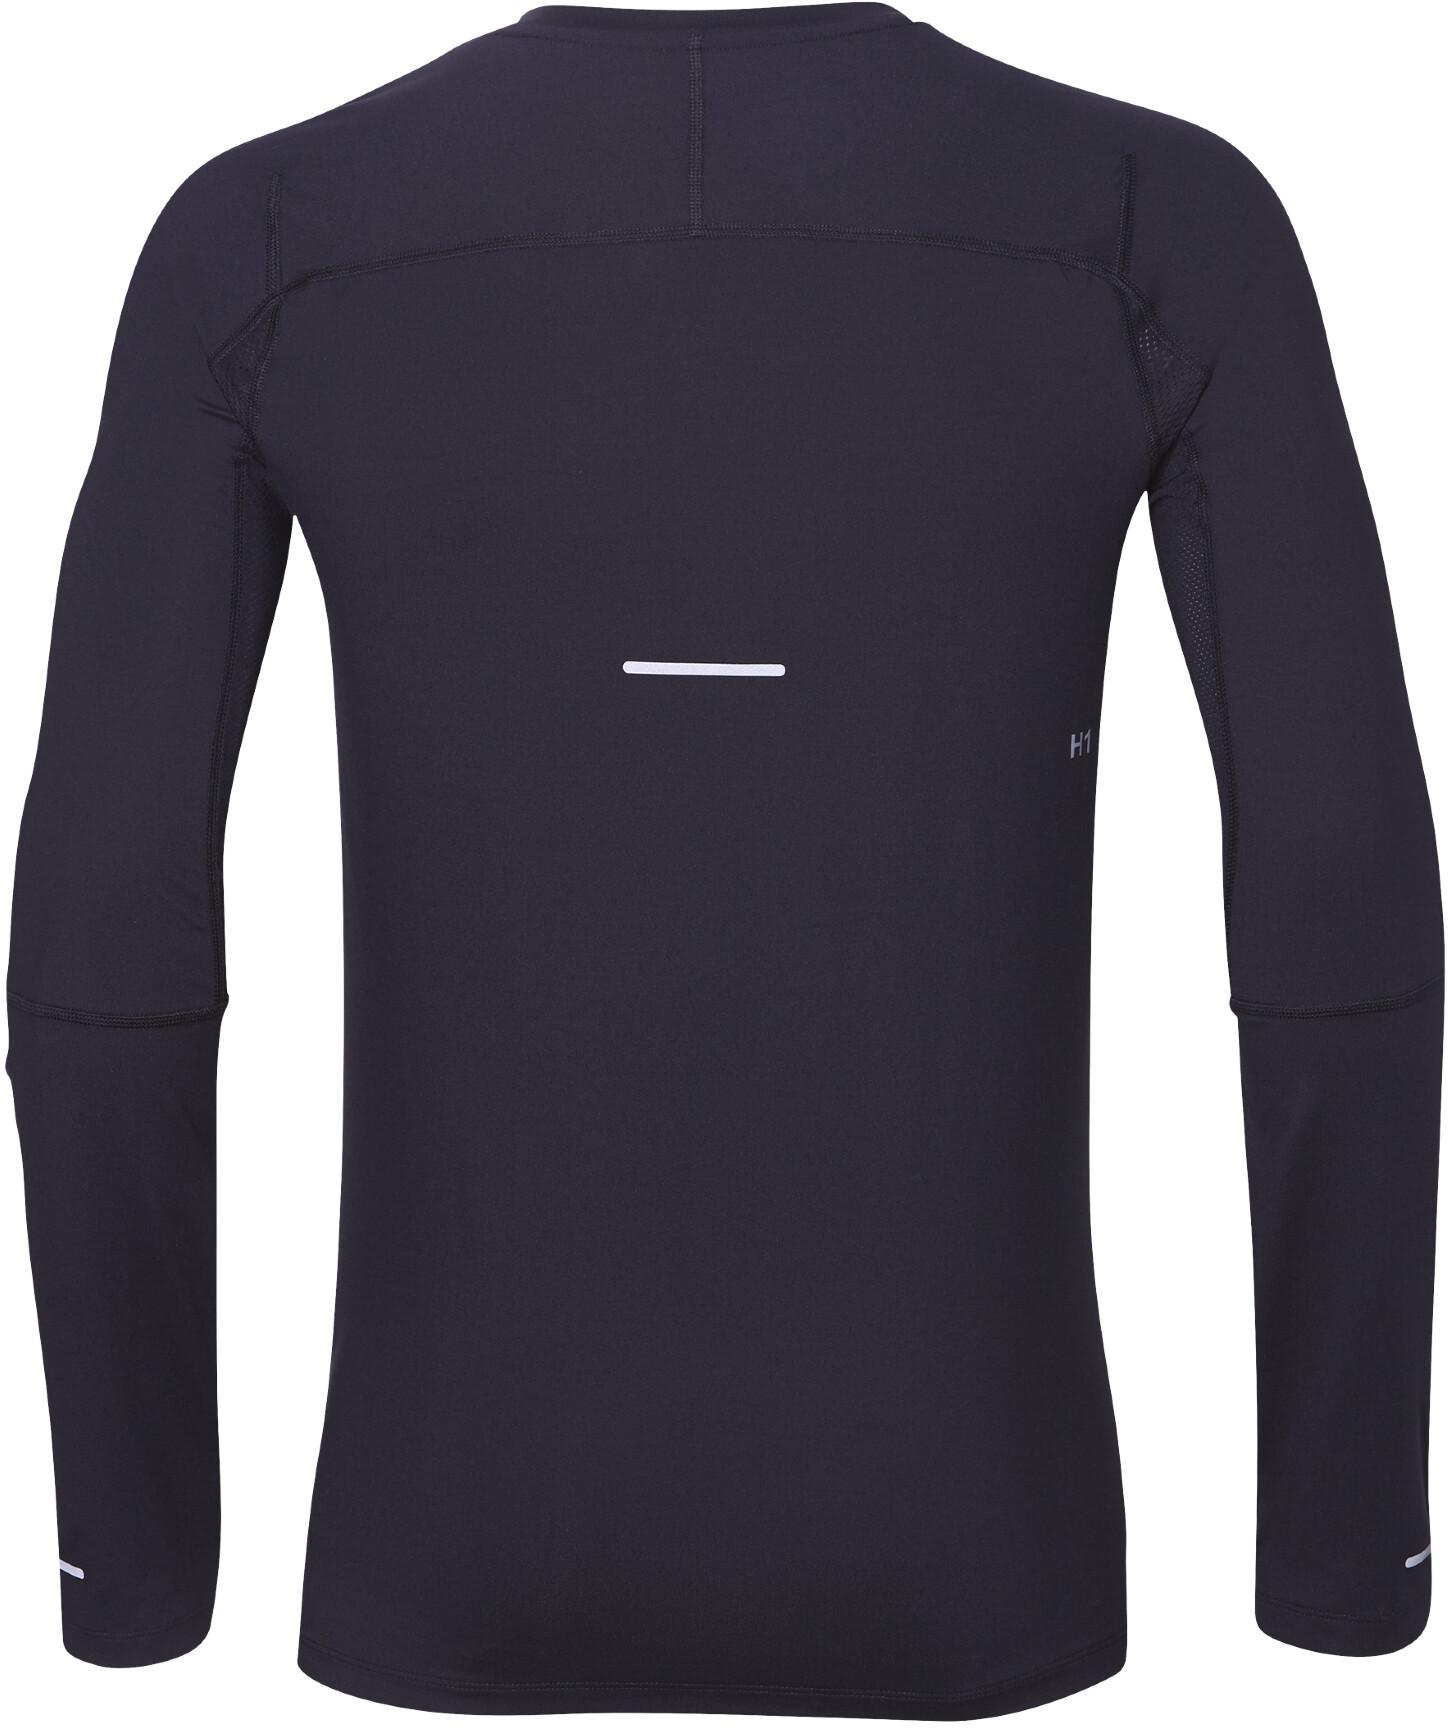 b2e5d0445 asics Thermopolis Plus LS Shirt Men performance black/performance black